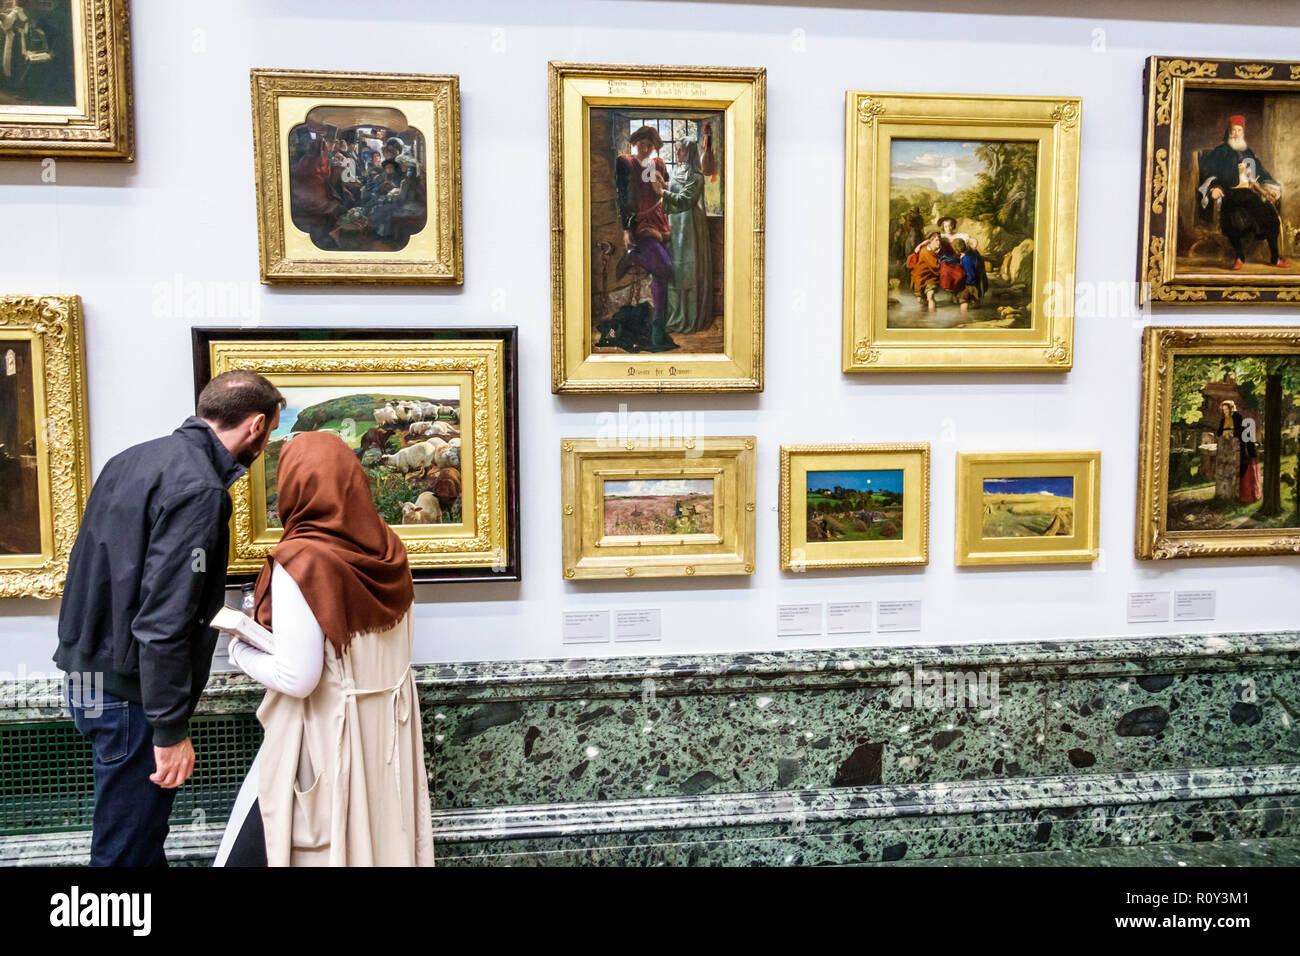 Londra Inghilterra Regno Unito Gran Bretagna Westminster Millbank TateBritain art museum all'interno di Galleria di interni dipinti uomo donna musulmana del coperchio testata Immagini Stock